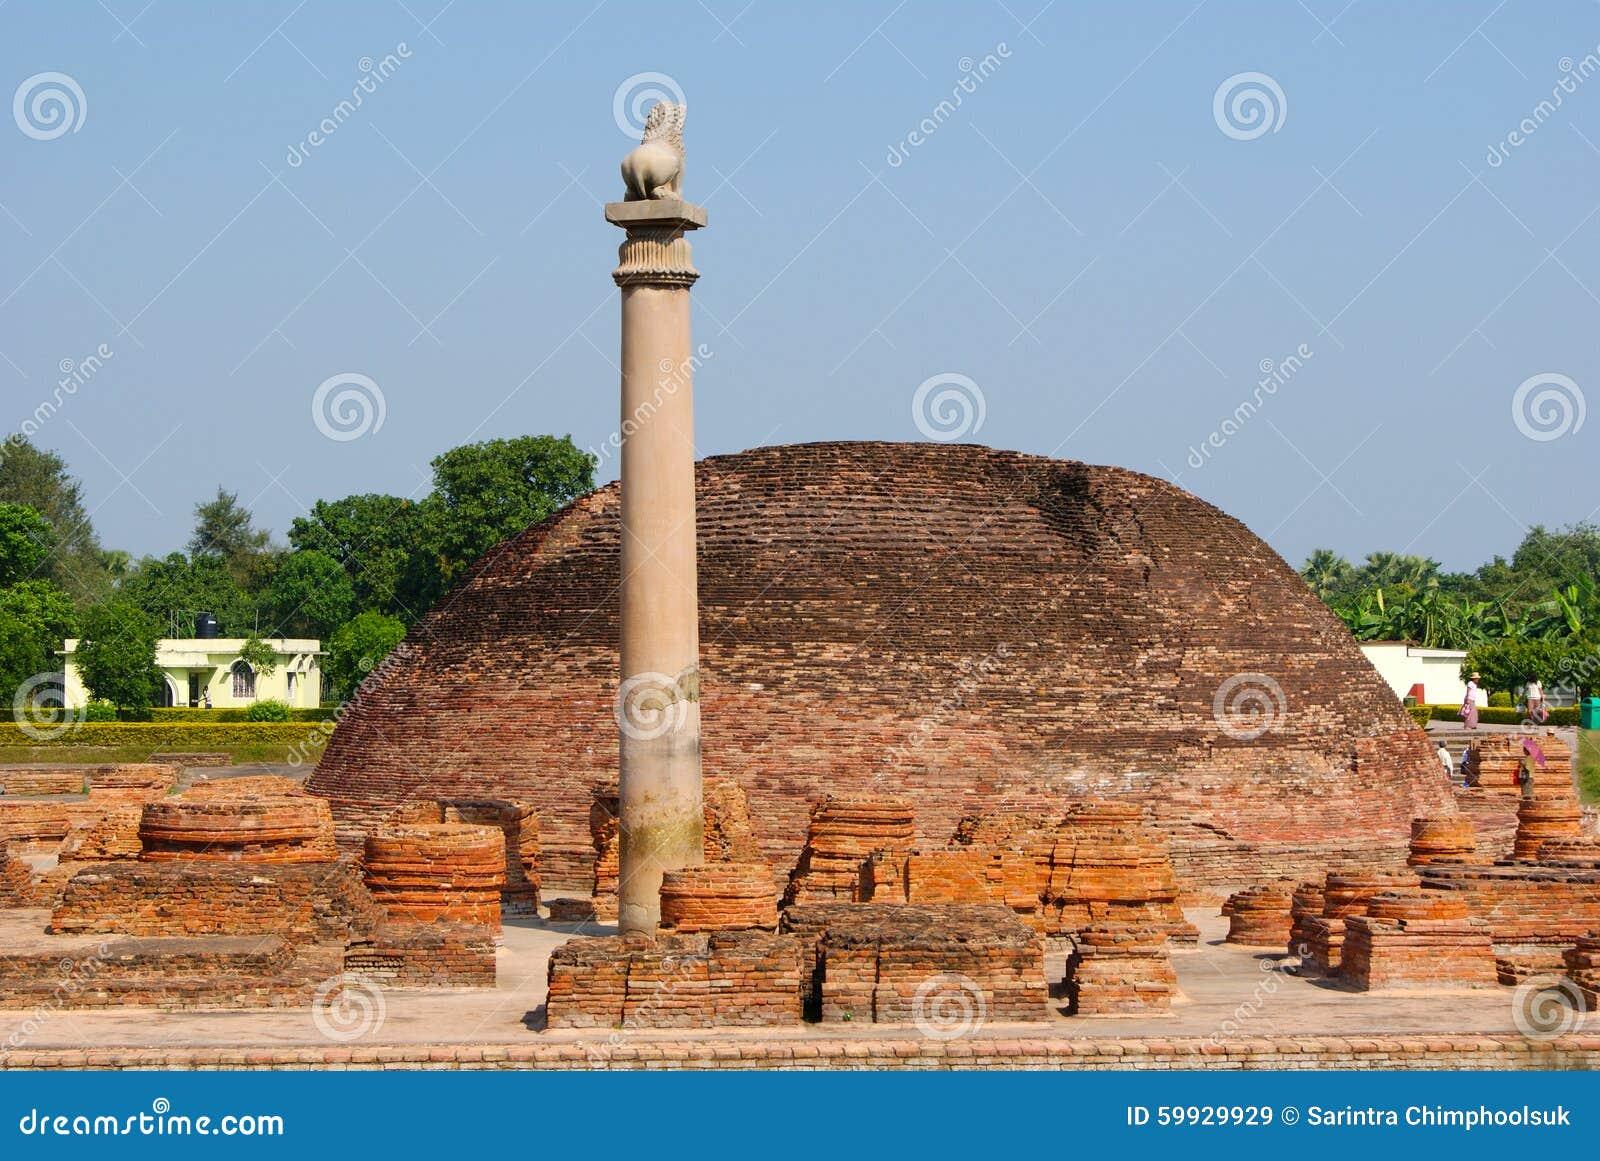 Los pilares encontraron en Vaishali con el pilar capital de Ashoka del solo león en la India